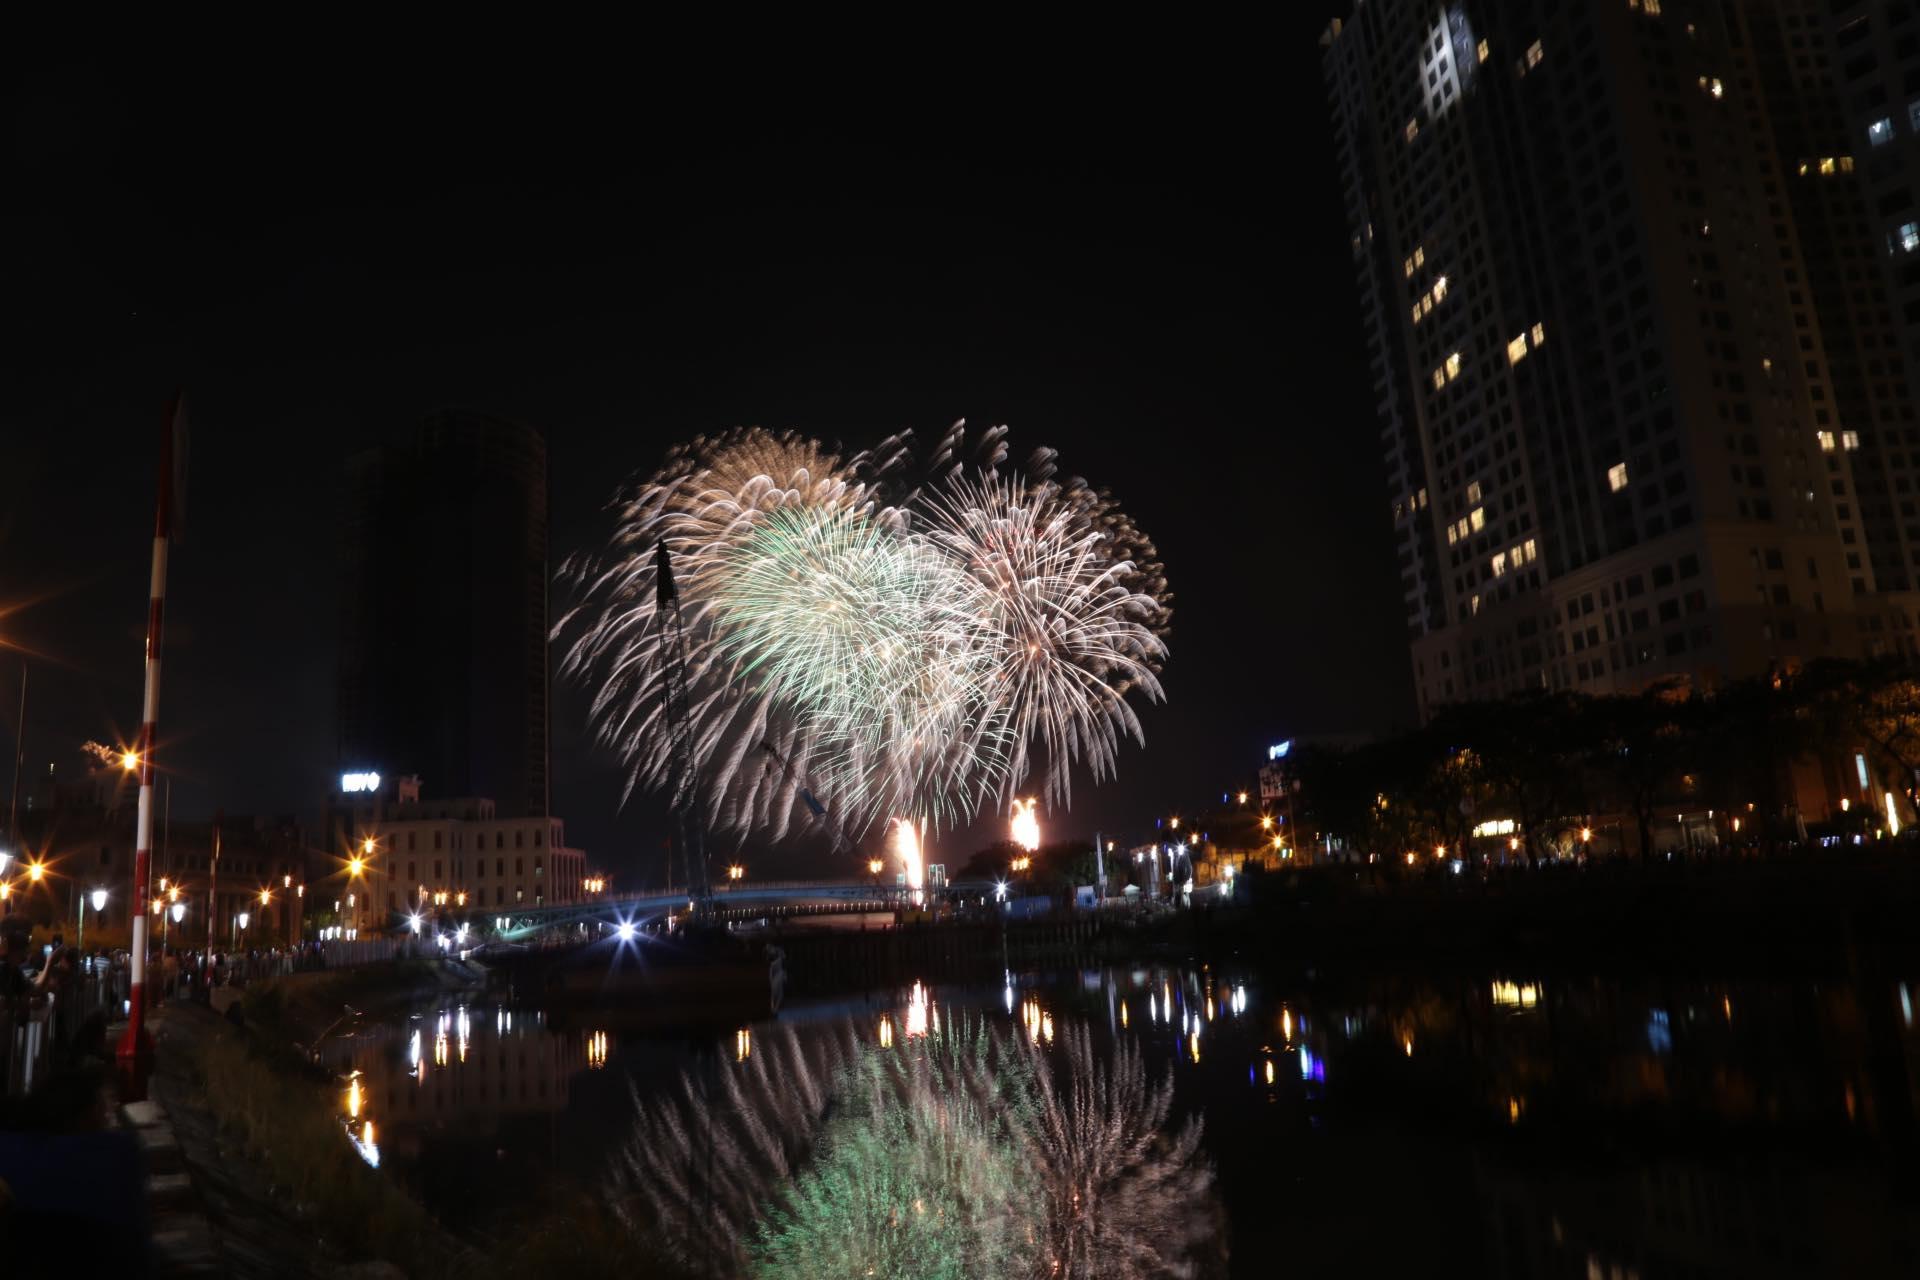 Pháo hoa rực sáng đẹp hút hồn trên bầu trời Sài Gòn, ngàn người vỗ tay tán thưởng - 13